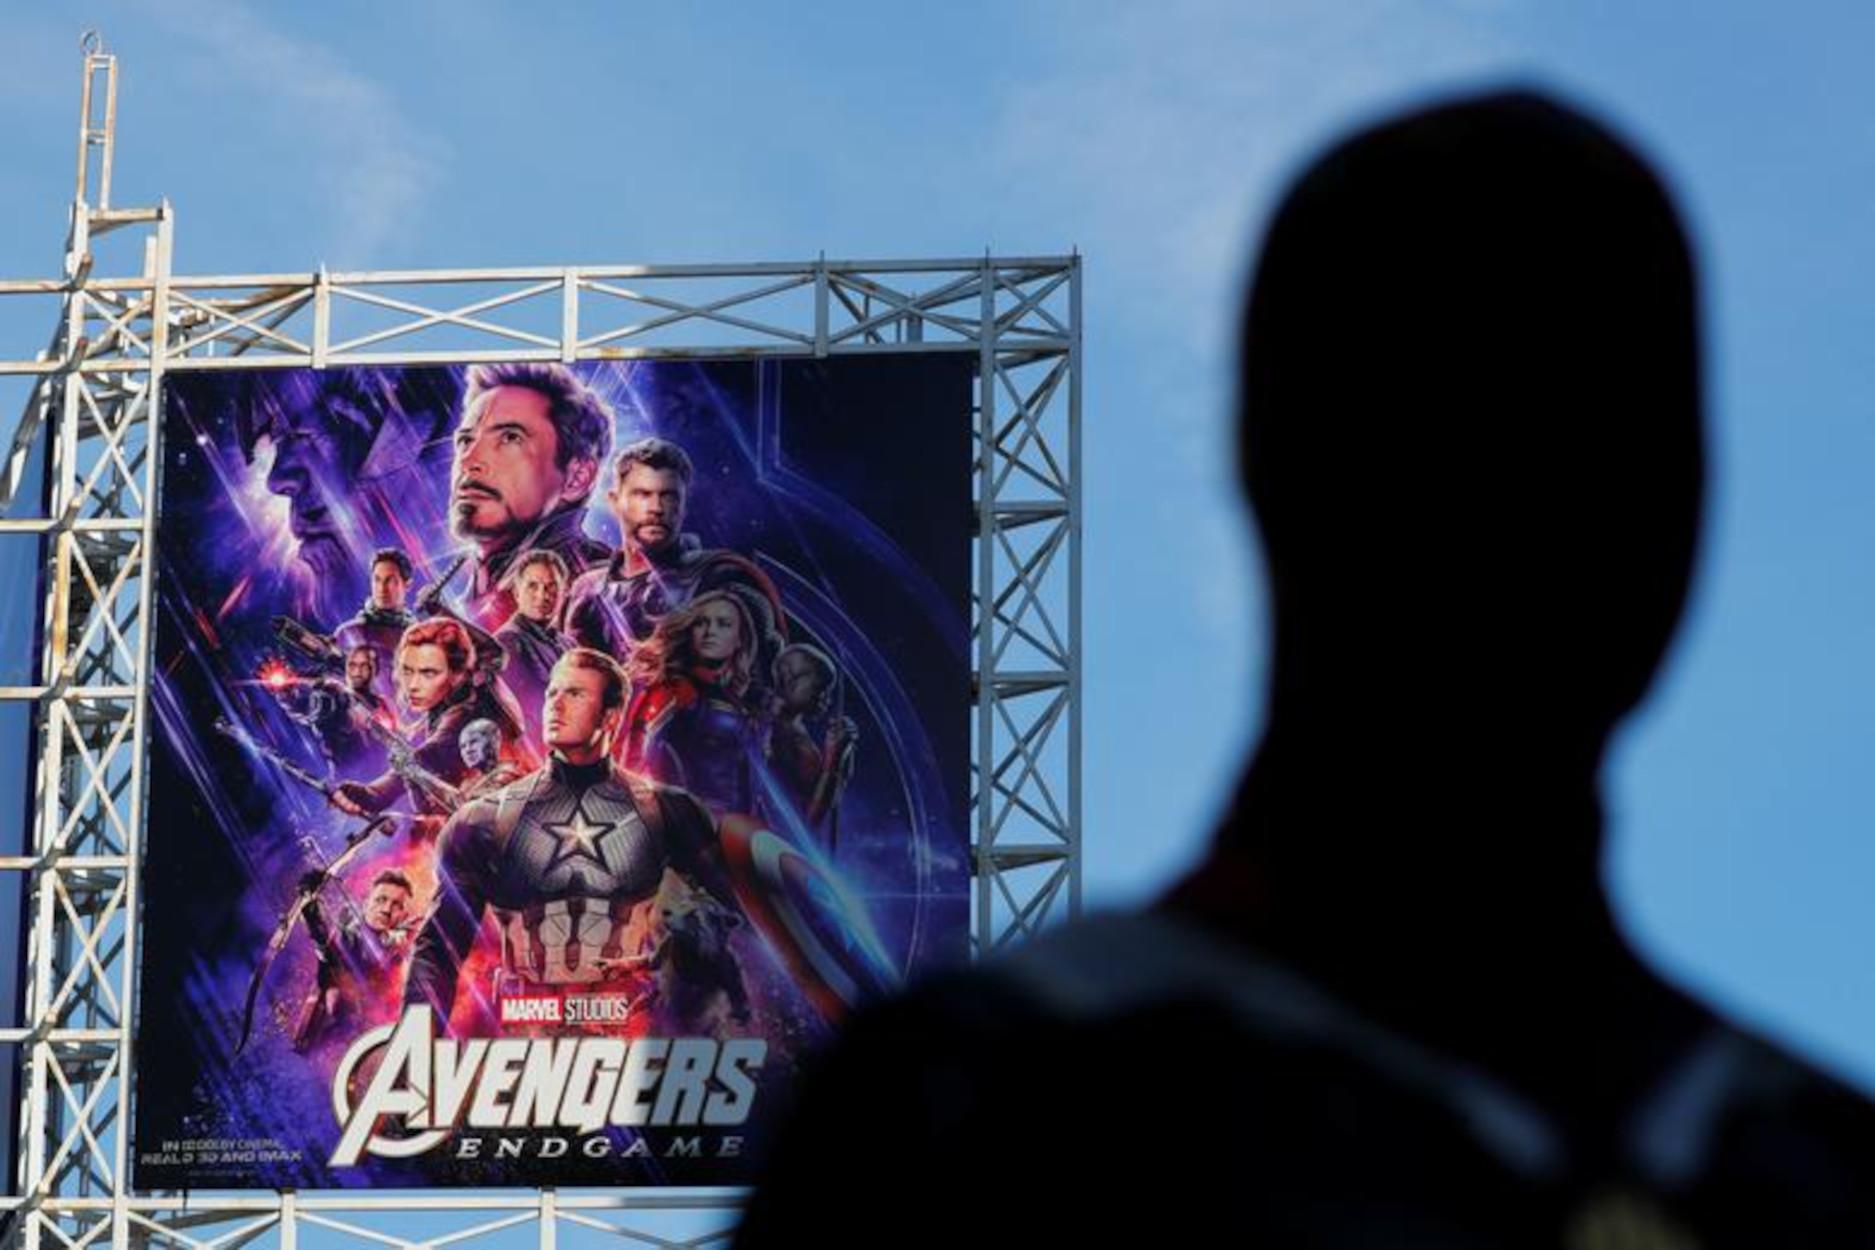 Είδε το Avengers: Endgame 191 φορές!